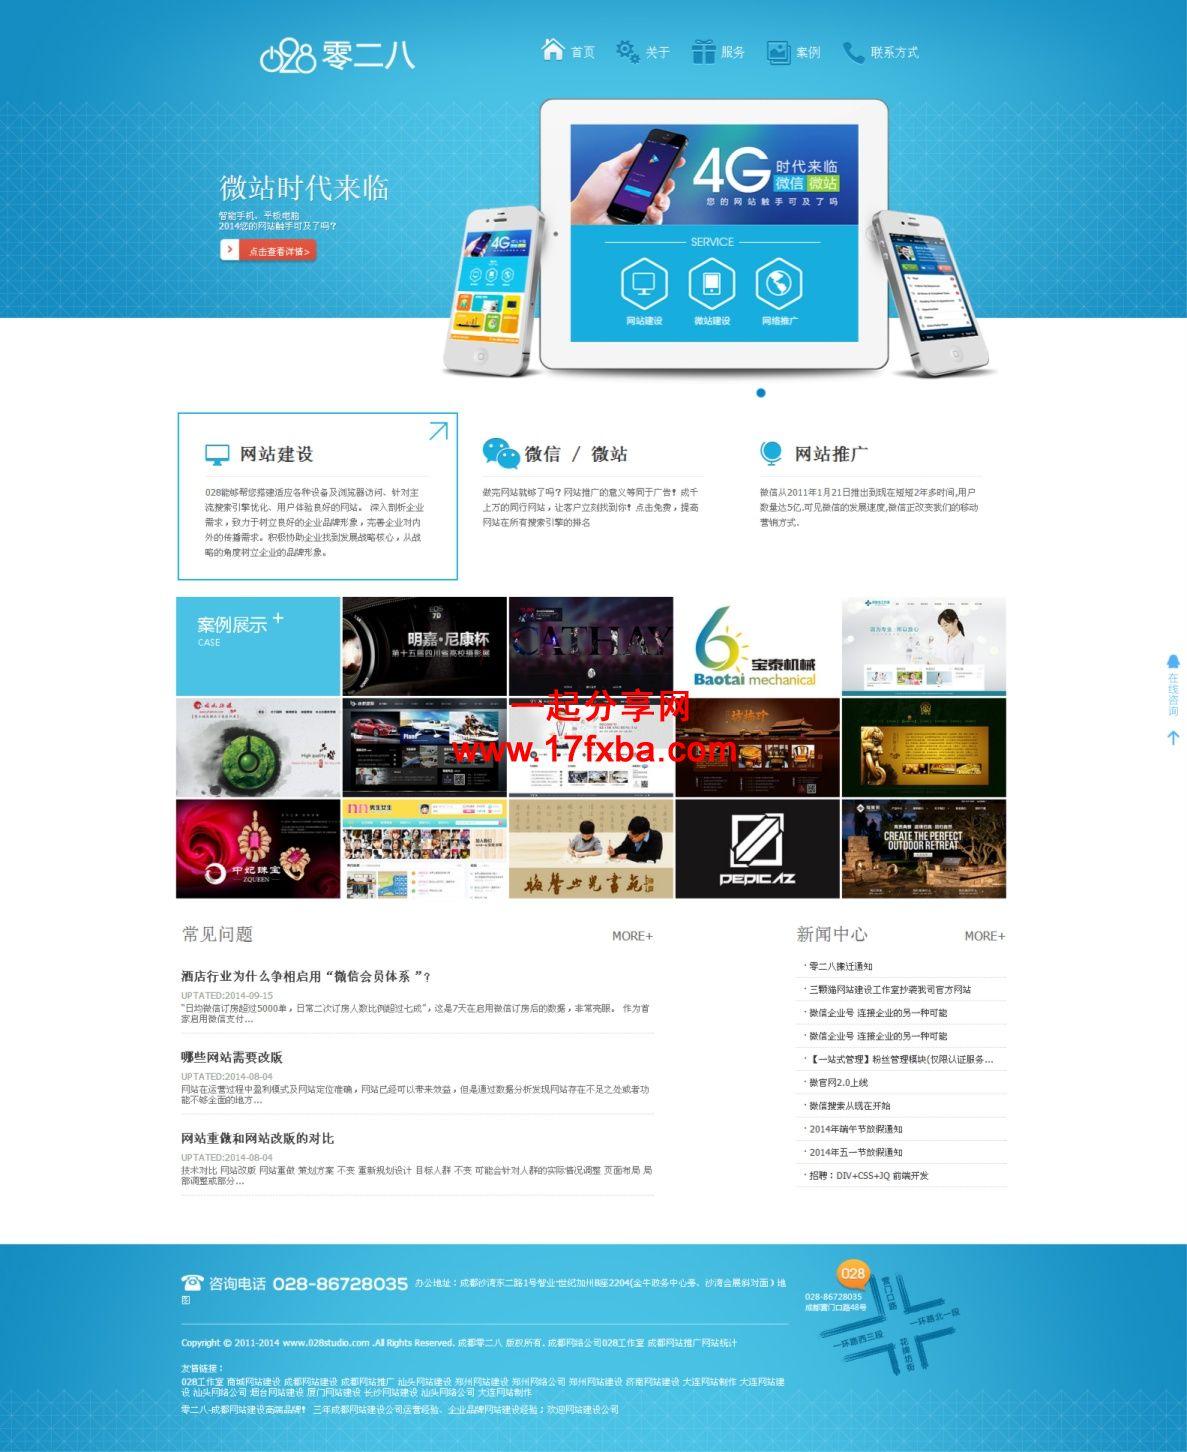 html高端大气、上档次蓝色仿成都零二八网络公司源码